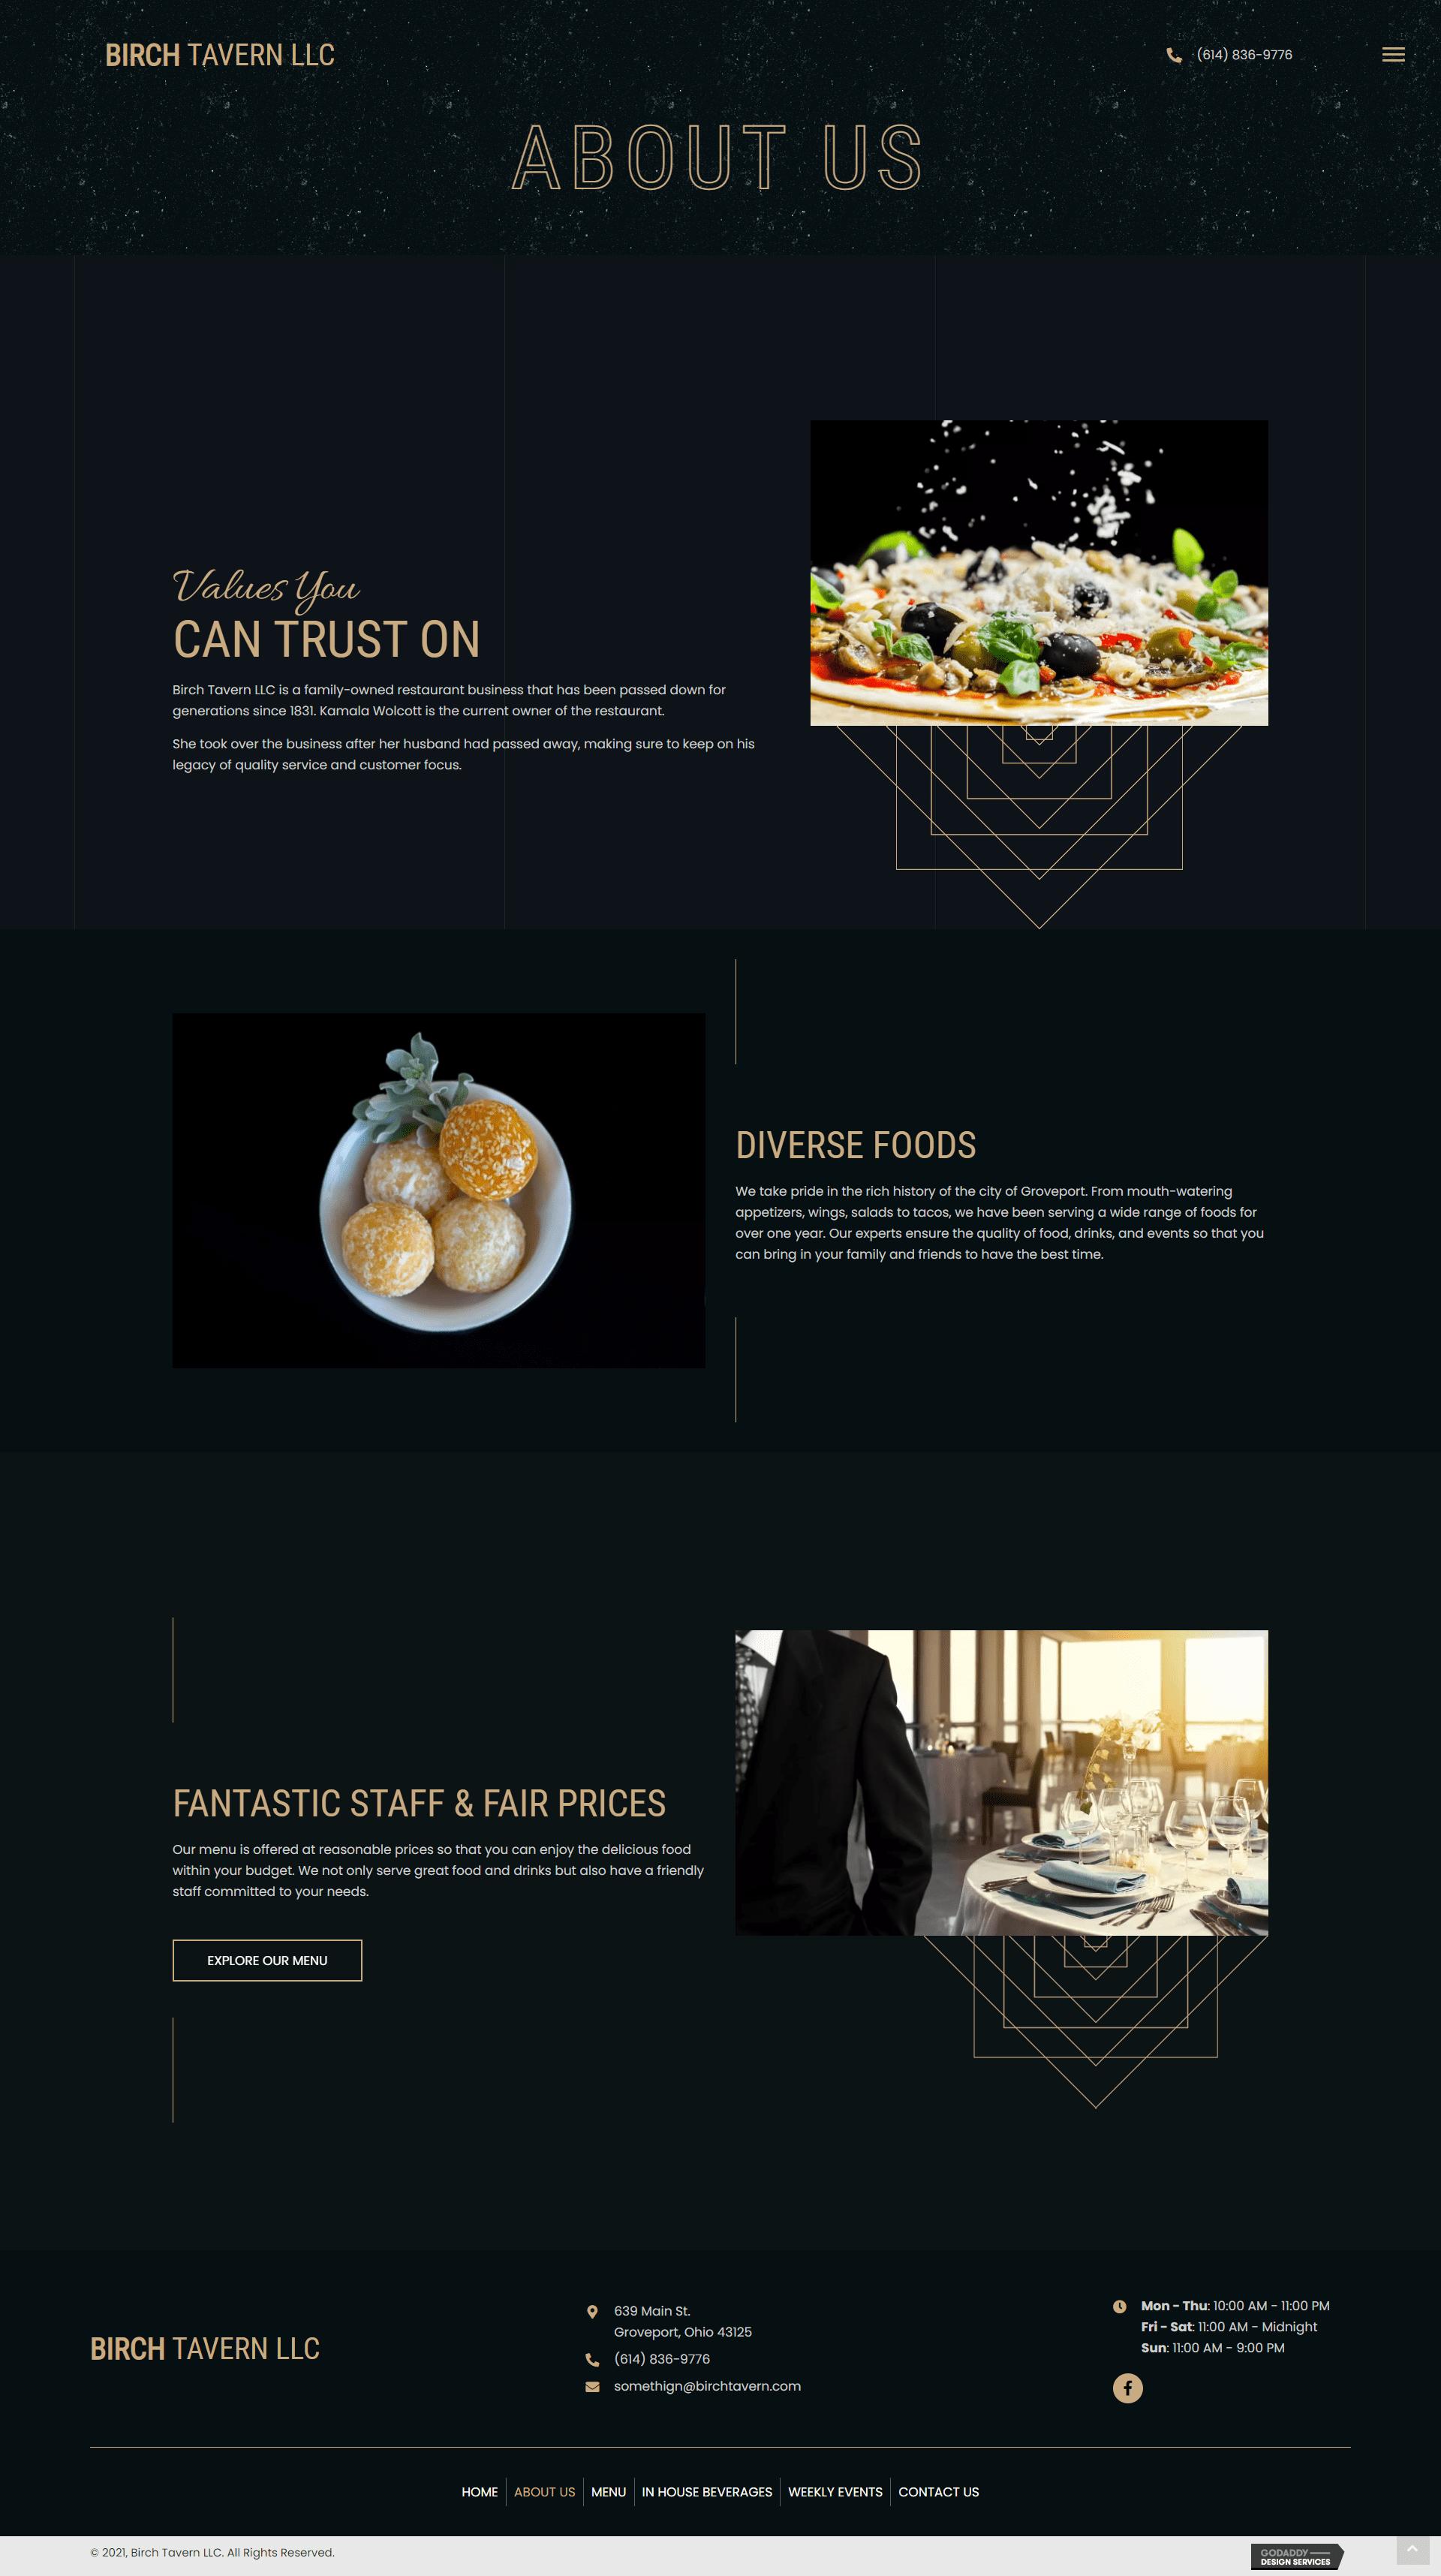 Birch Tavern LLC About